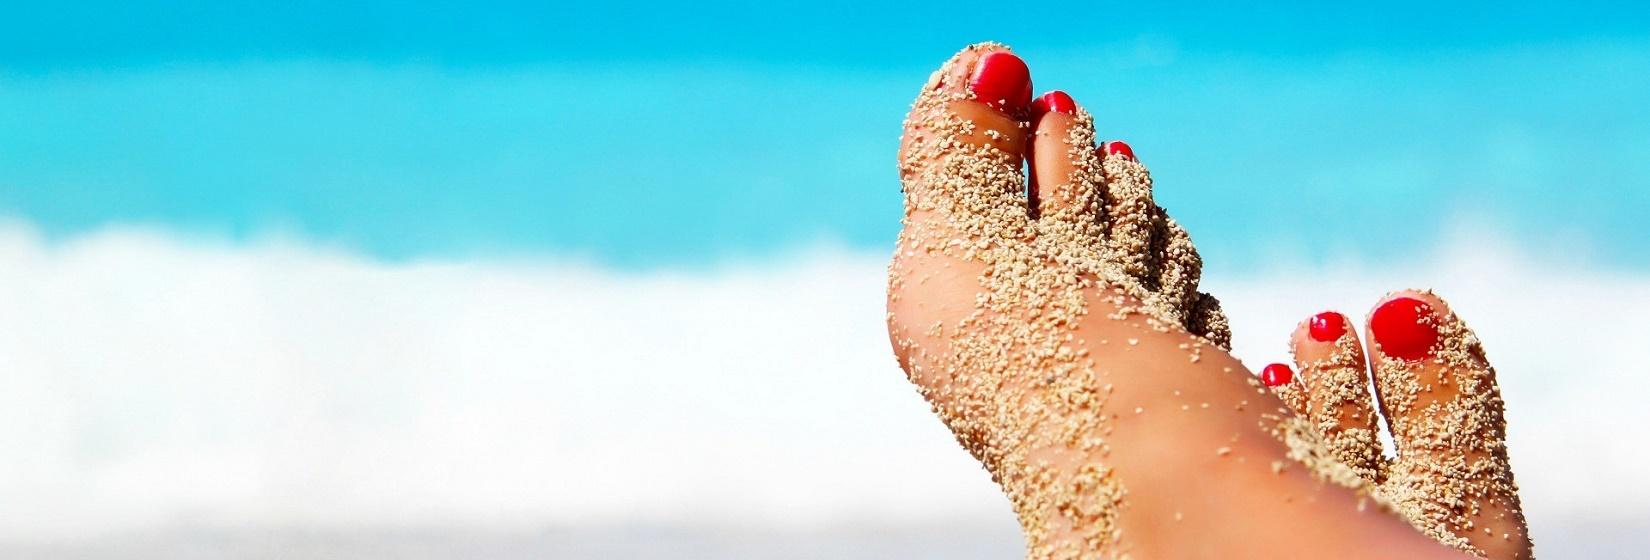 Handige tips voor uw handen en voeten